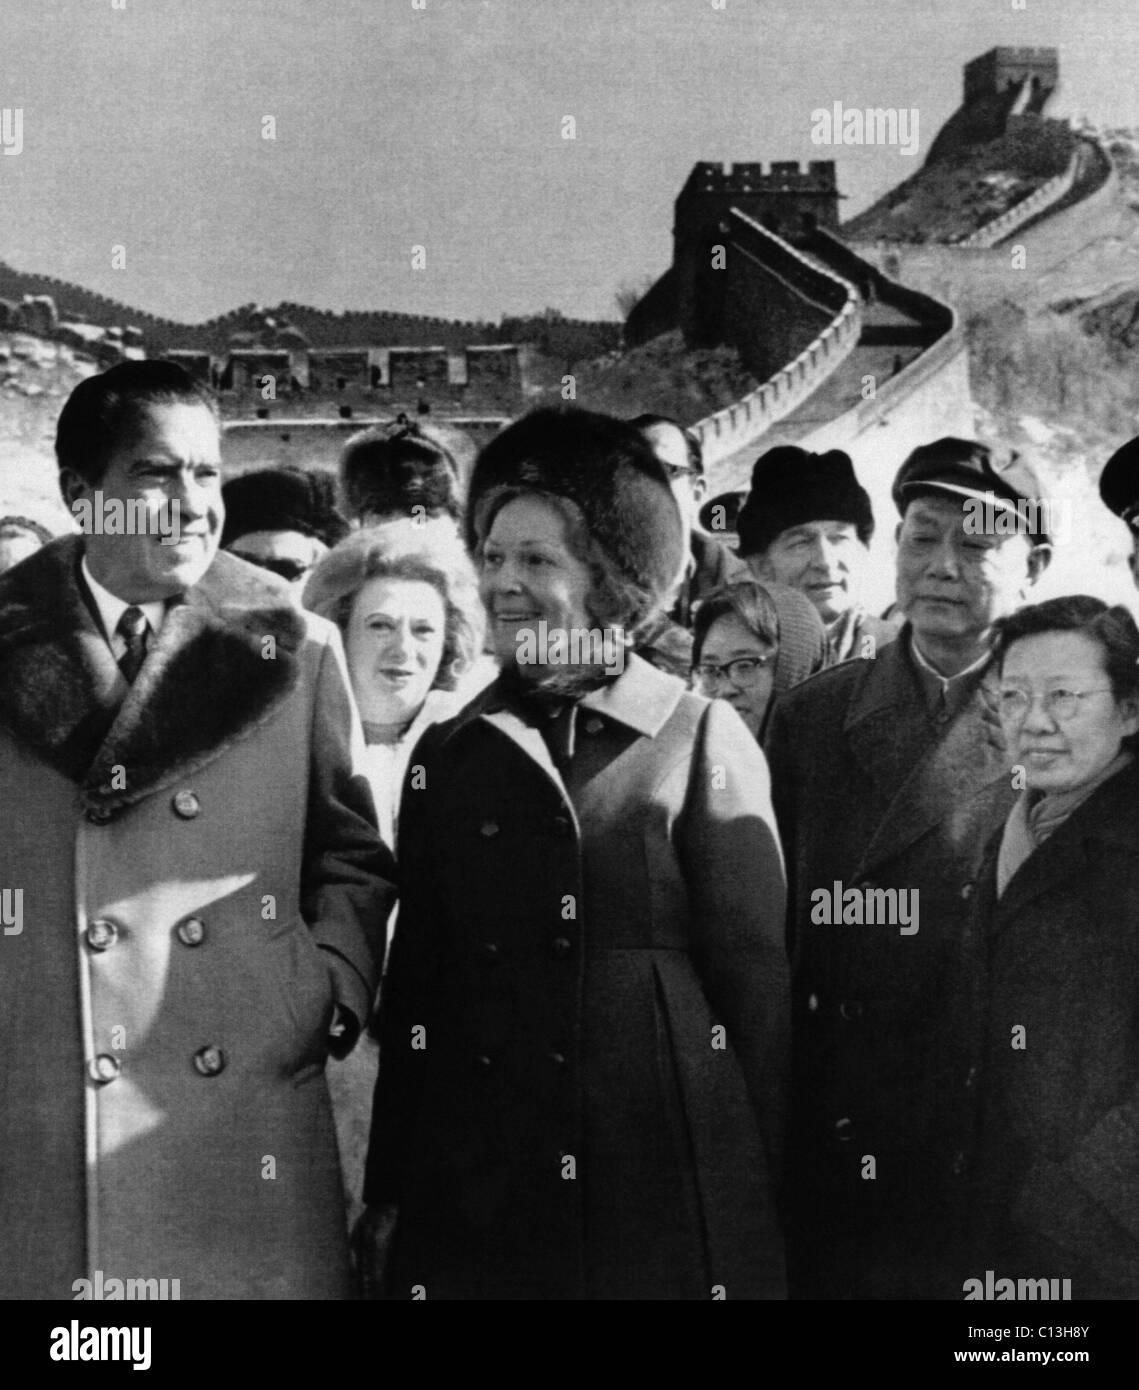 Resultado de imagen para Visita de Richard Nixon a China en 1972